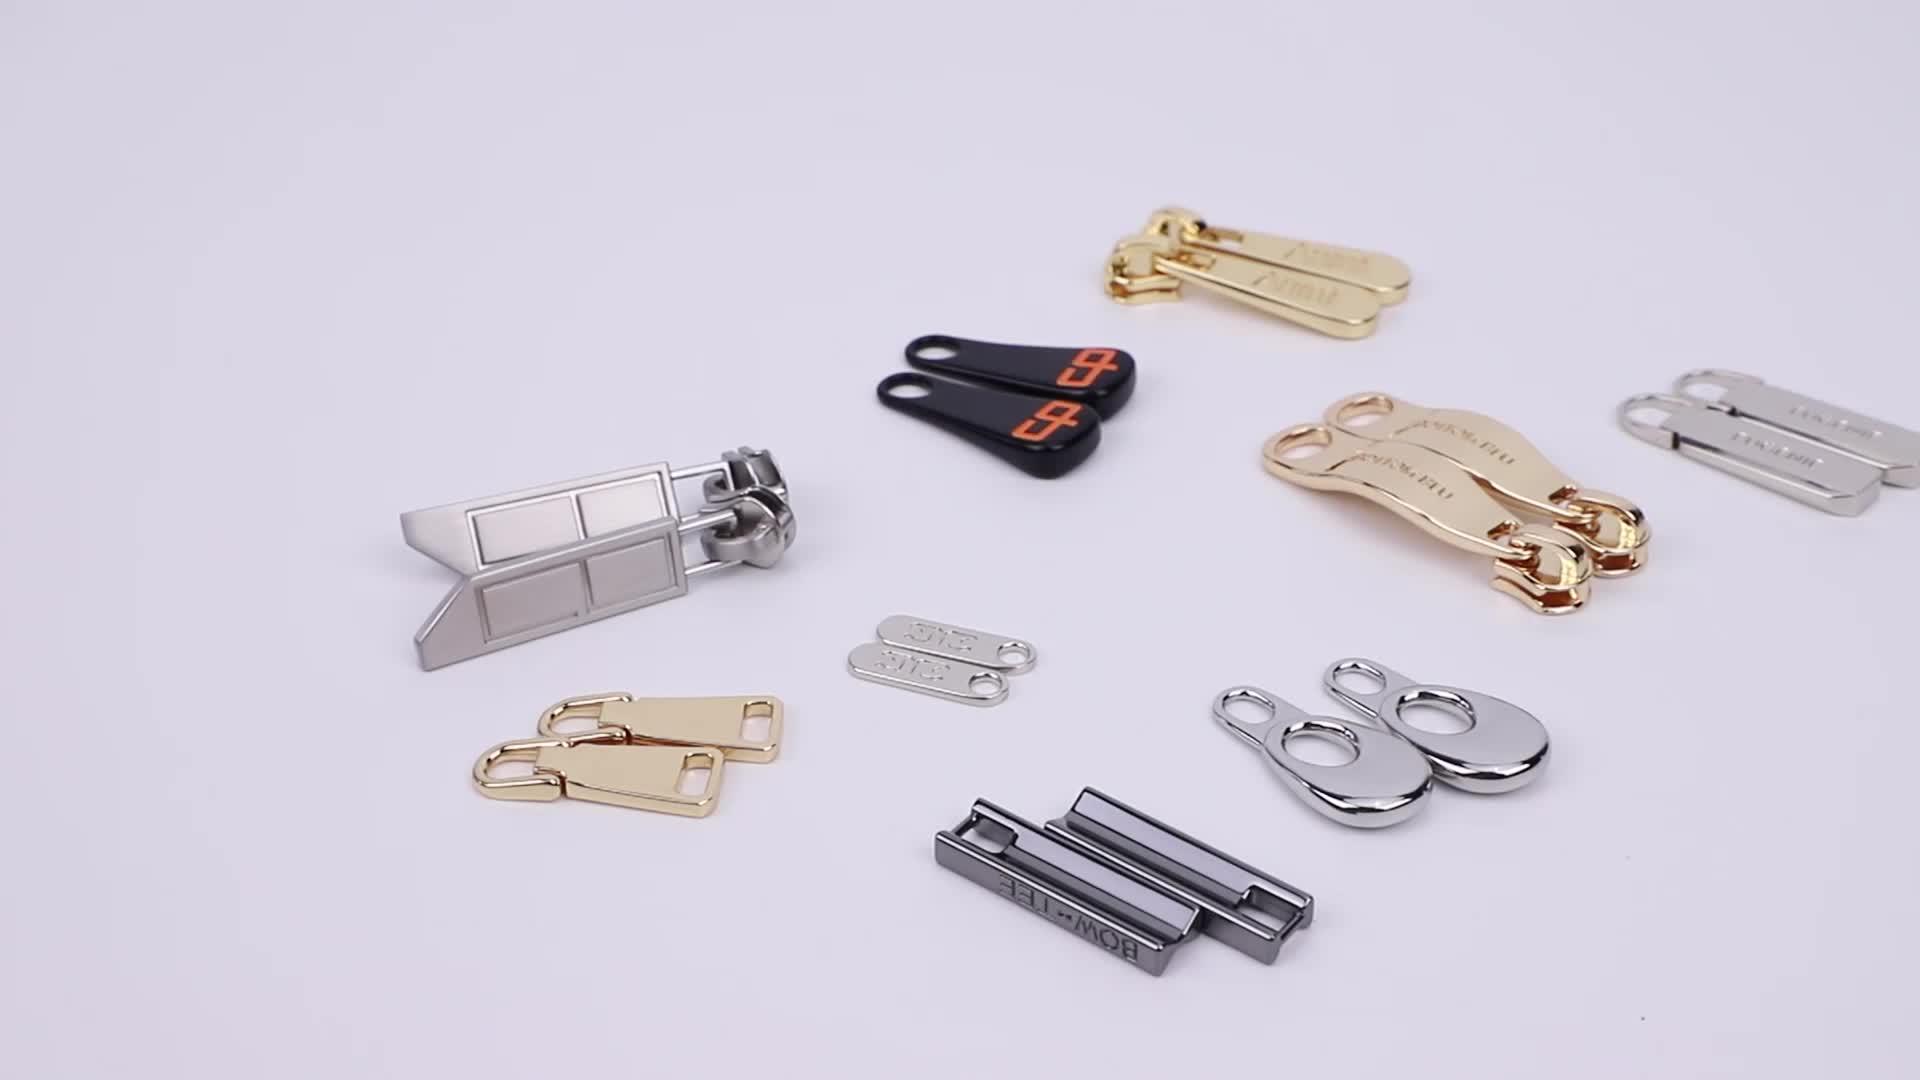 5 # oro Inciso Logo In Metallo Cursore Della Cerniera Estrattore, Borsa Hardware Personalizzato Oro Zip In Metallo Tira